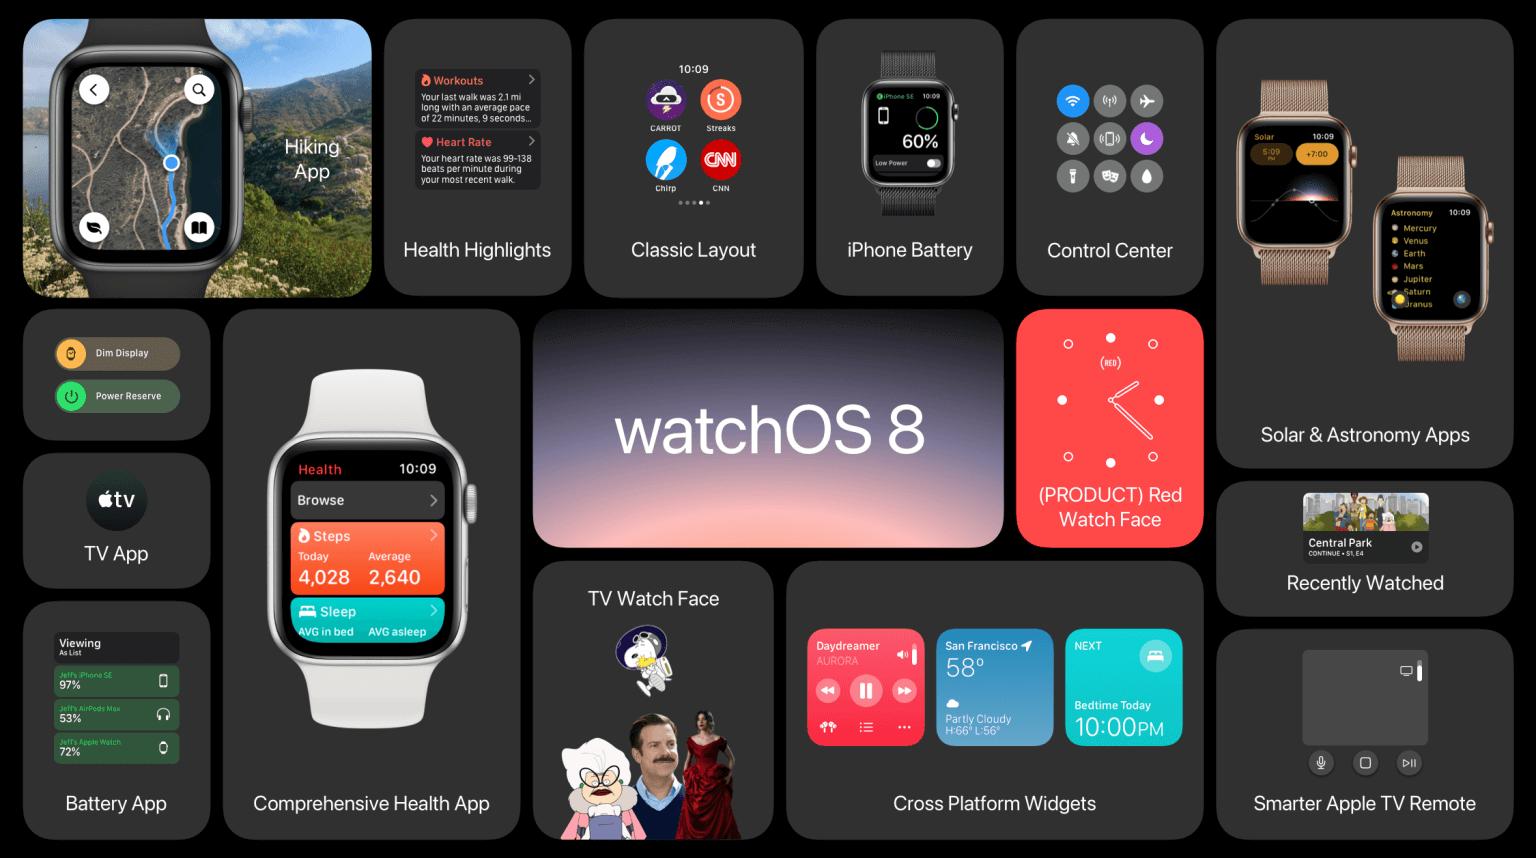 watchOS 8